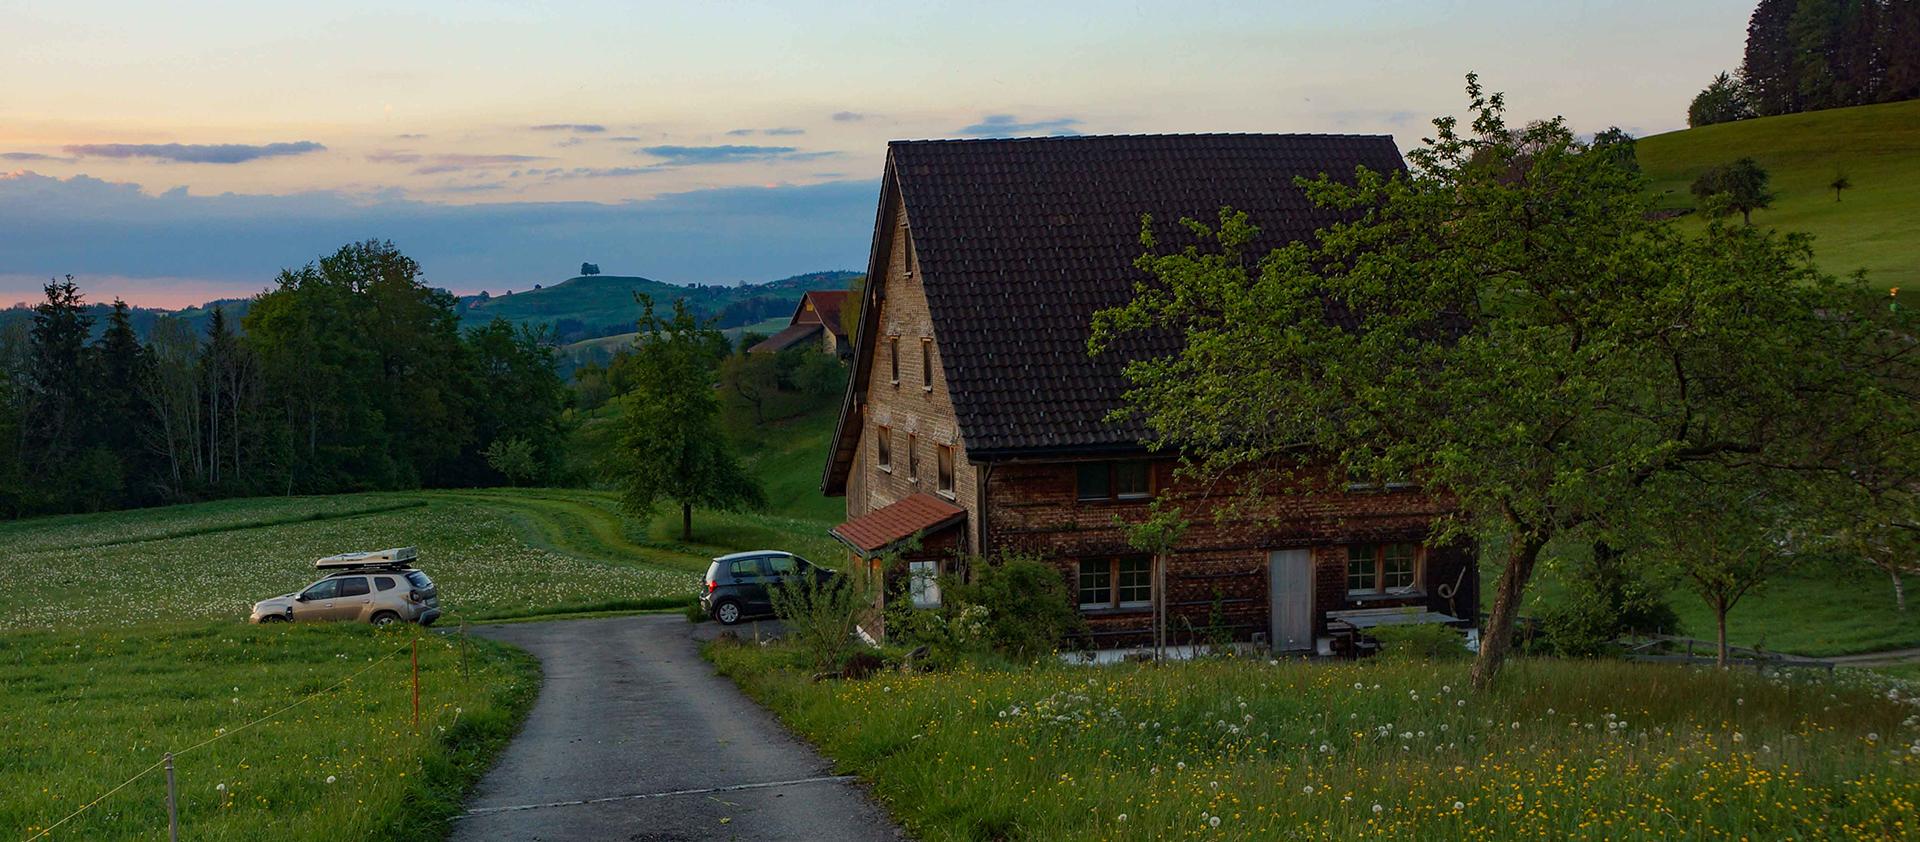 Φιλοξενία σε αγροτόσπιτο στην Ελβετία